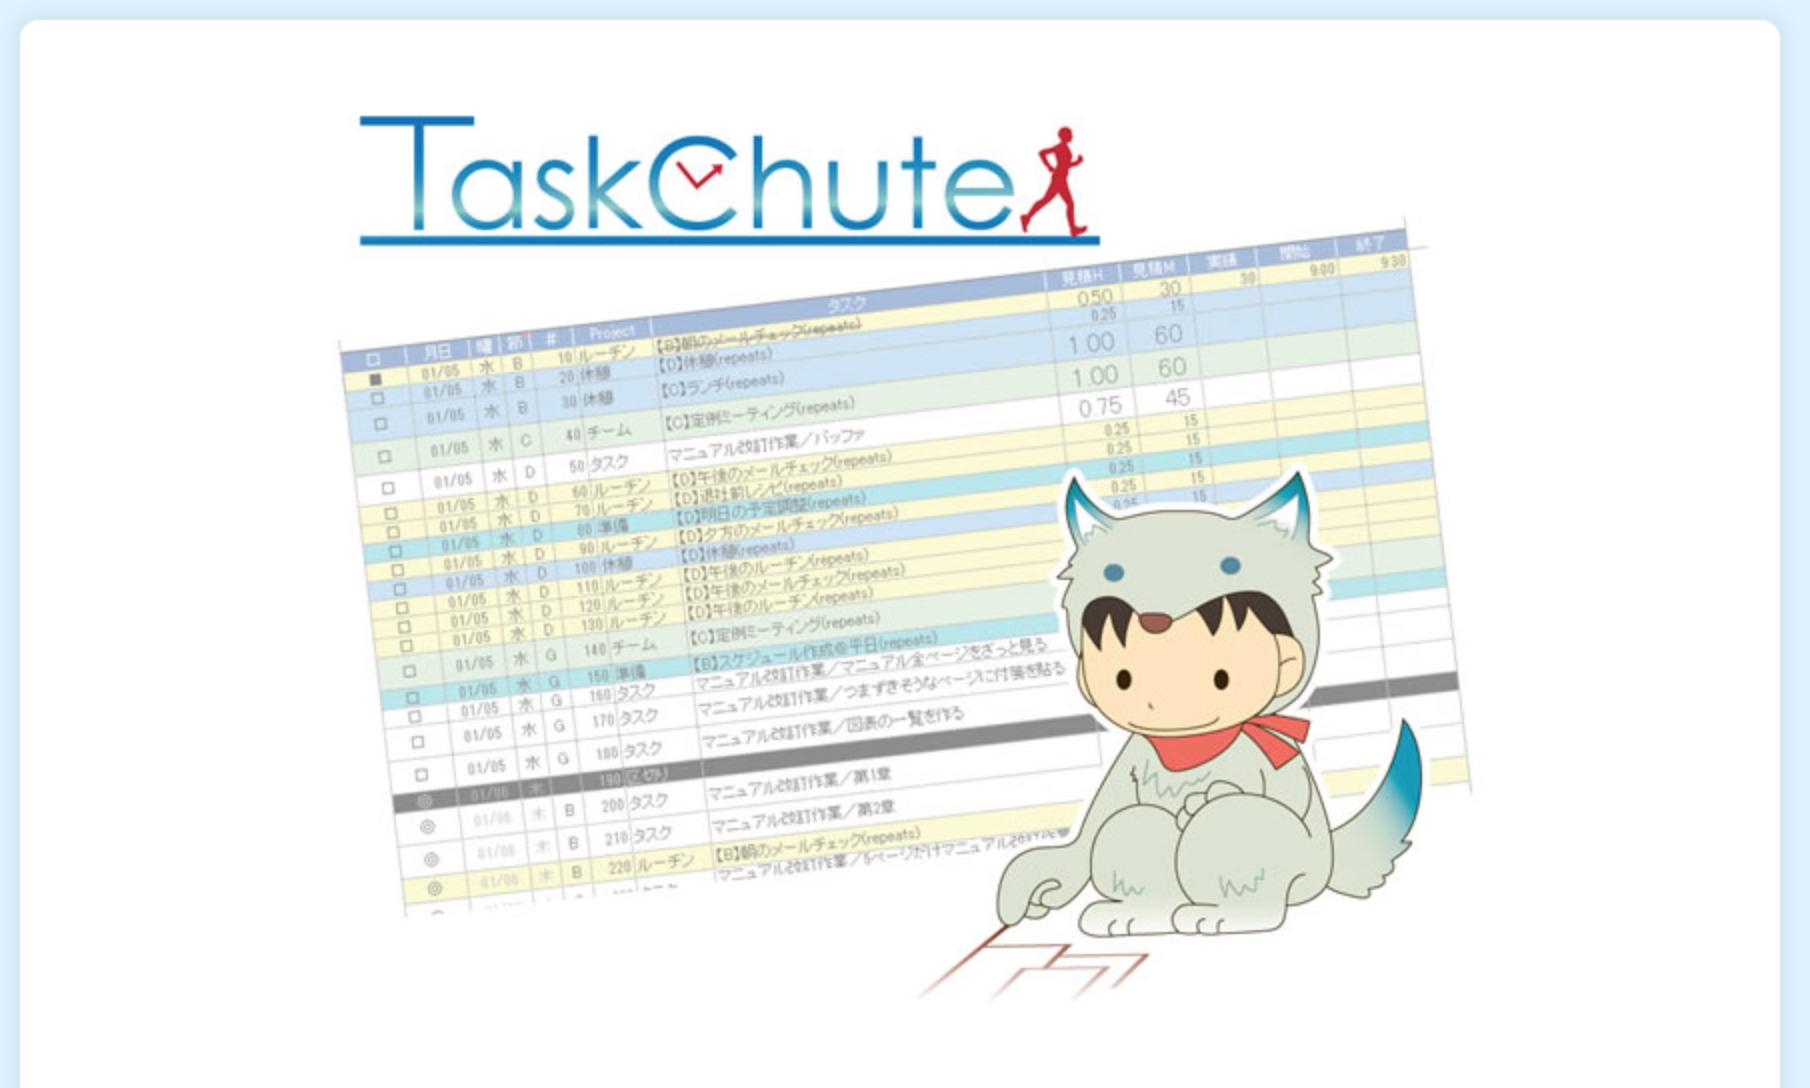 Excelで実行する世界最高峰のタスク管理ツール「TaskChute2」を導入しました